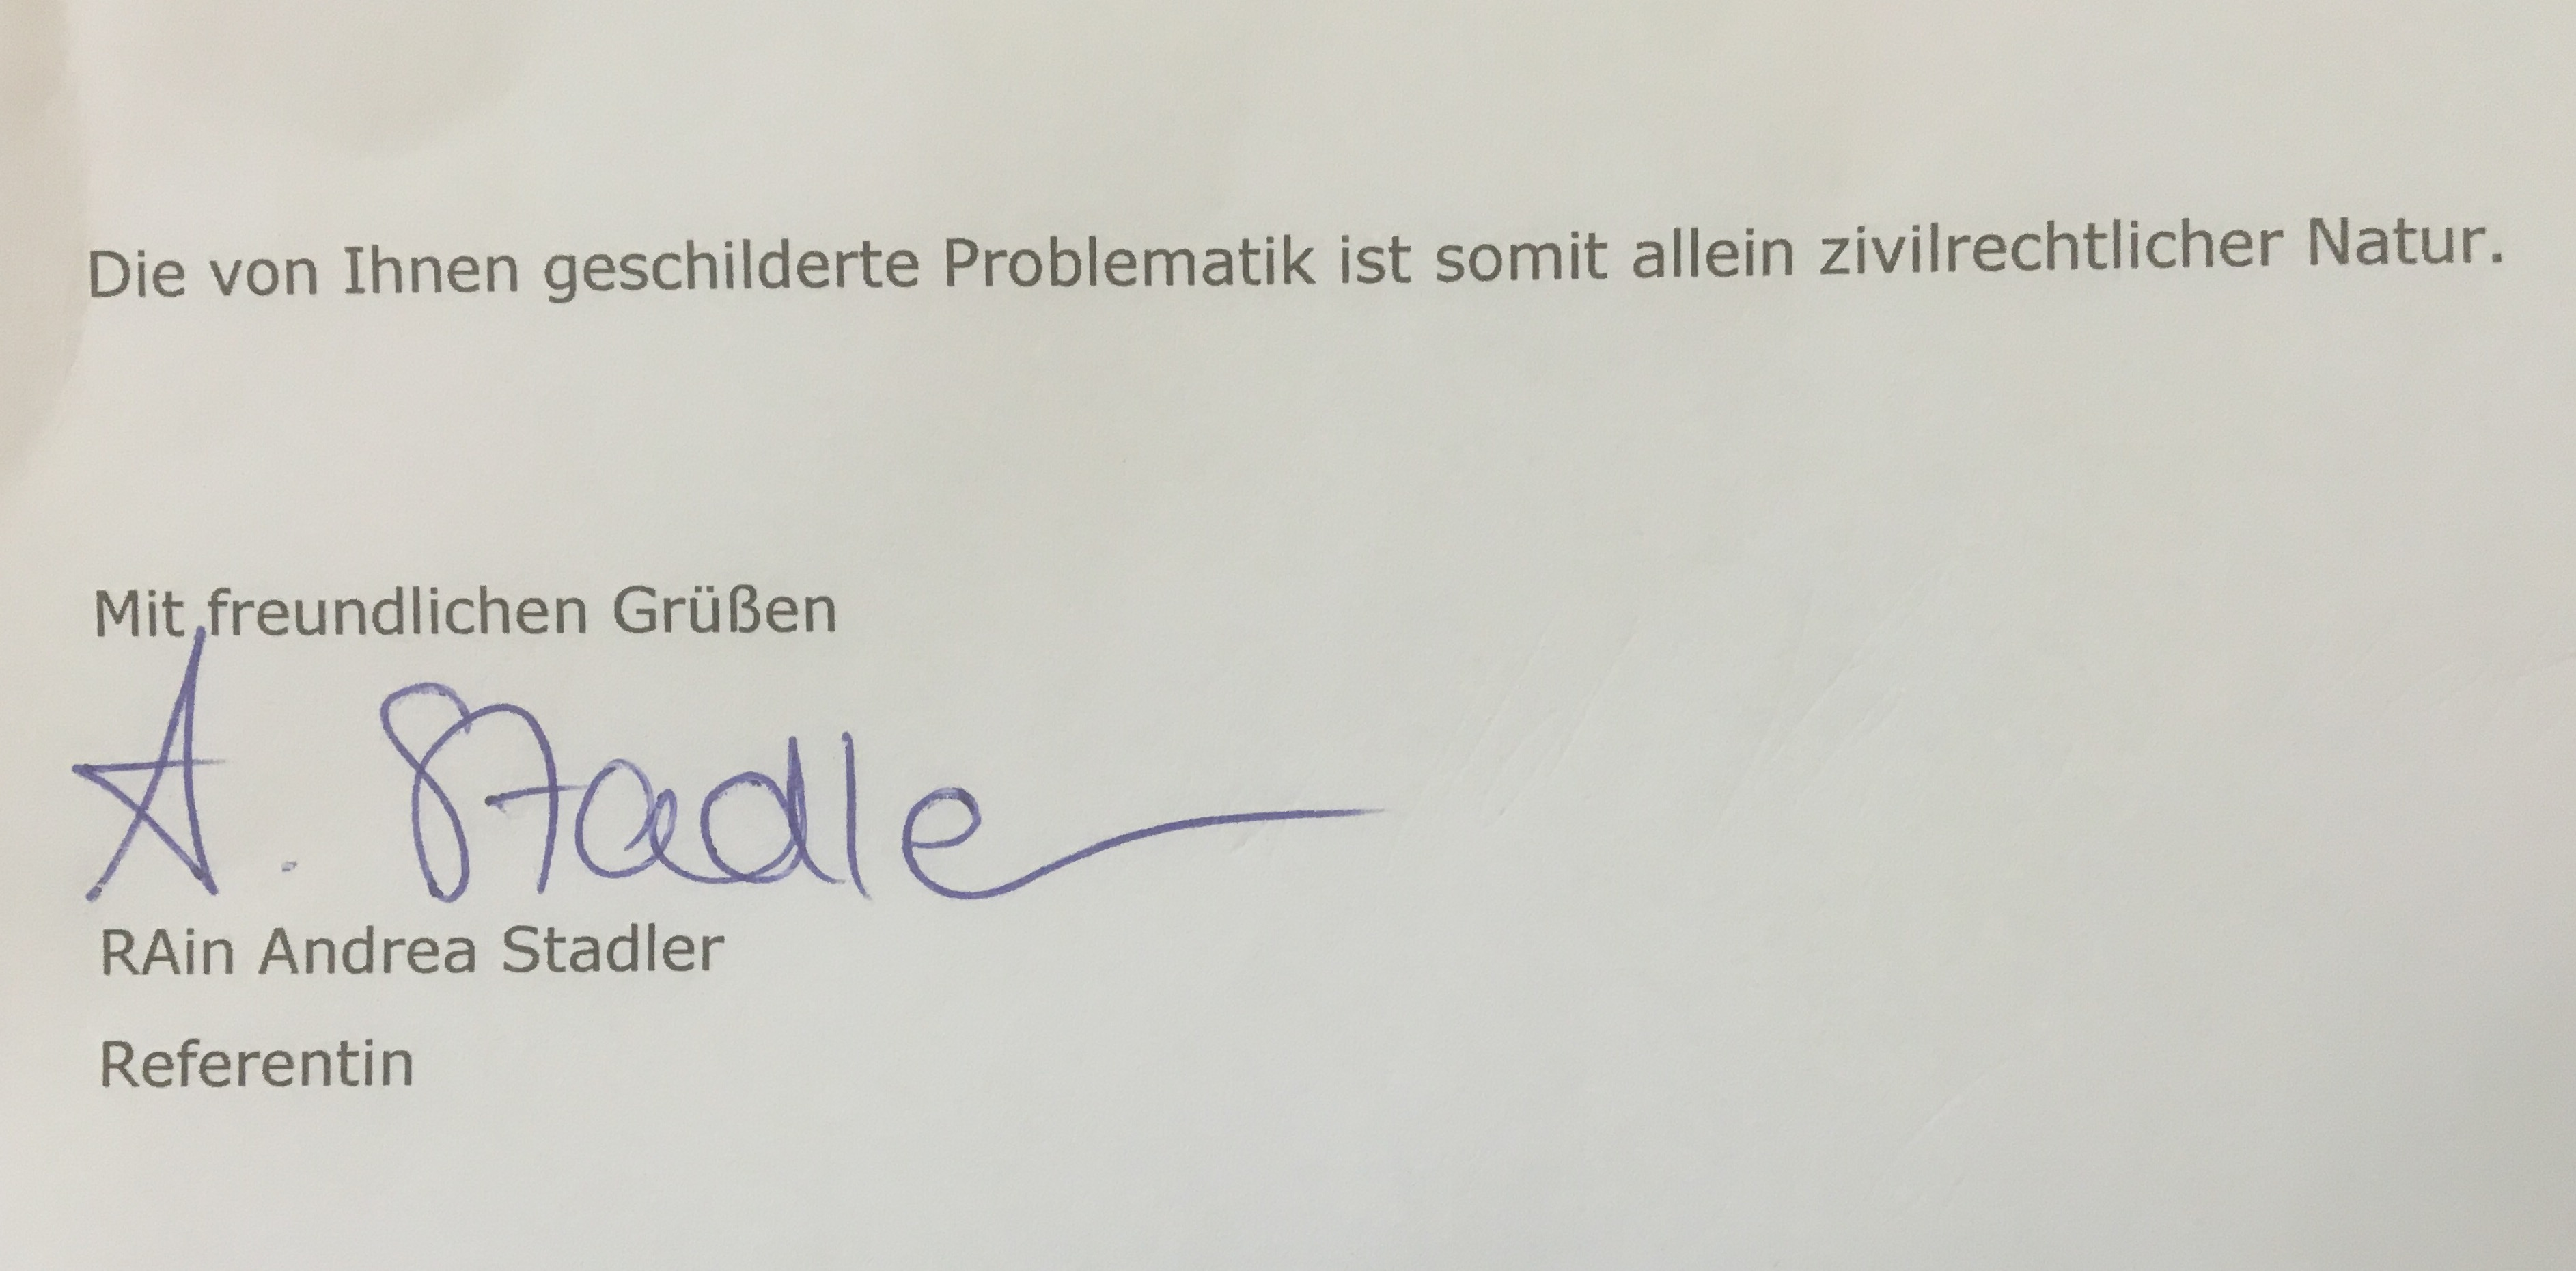 Werbung für Anwaelte_in_Wendelstein_bei_Nuernberg_Rechtsanwaltskammer_Nuernberg.2JPG